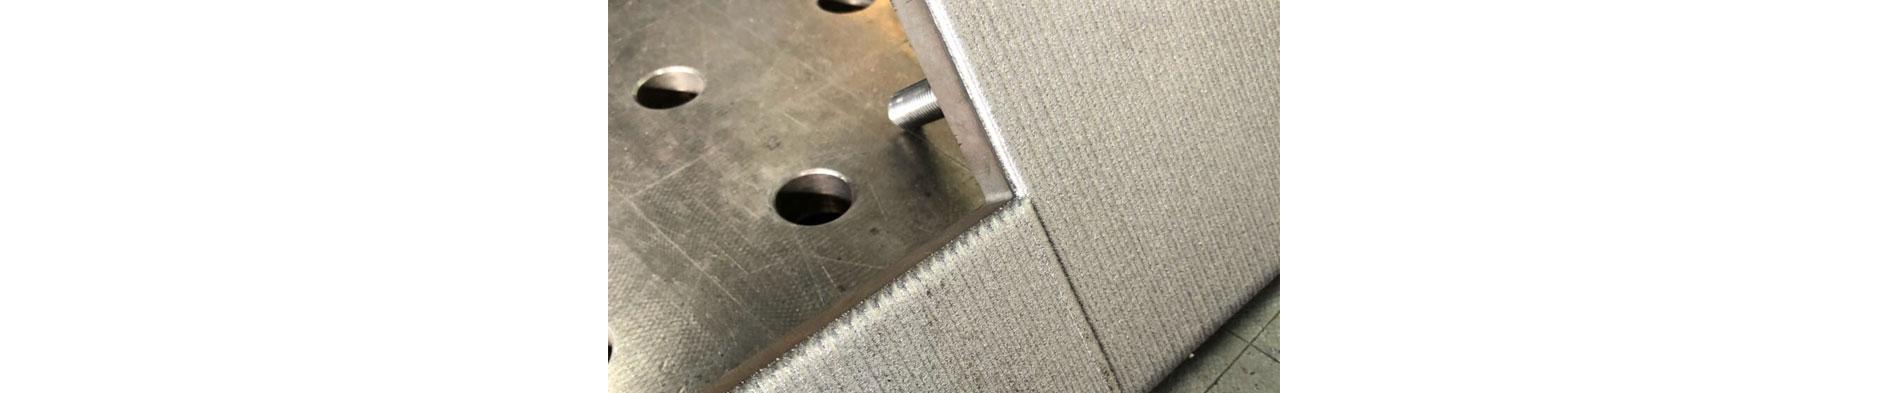 laser-pulver-auftragsschweissen-04